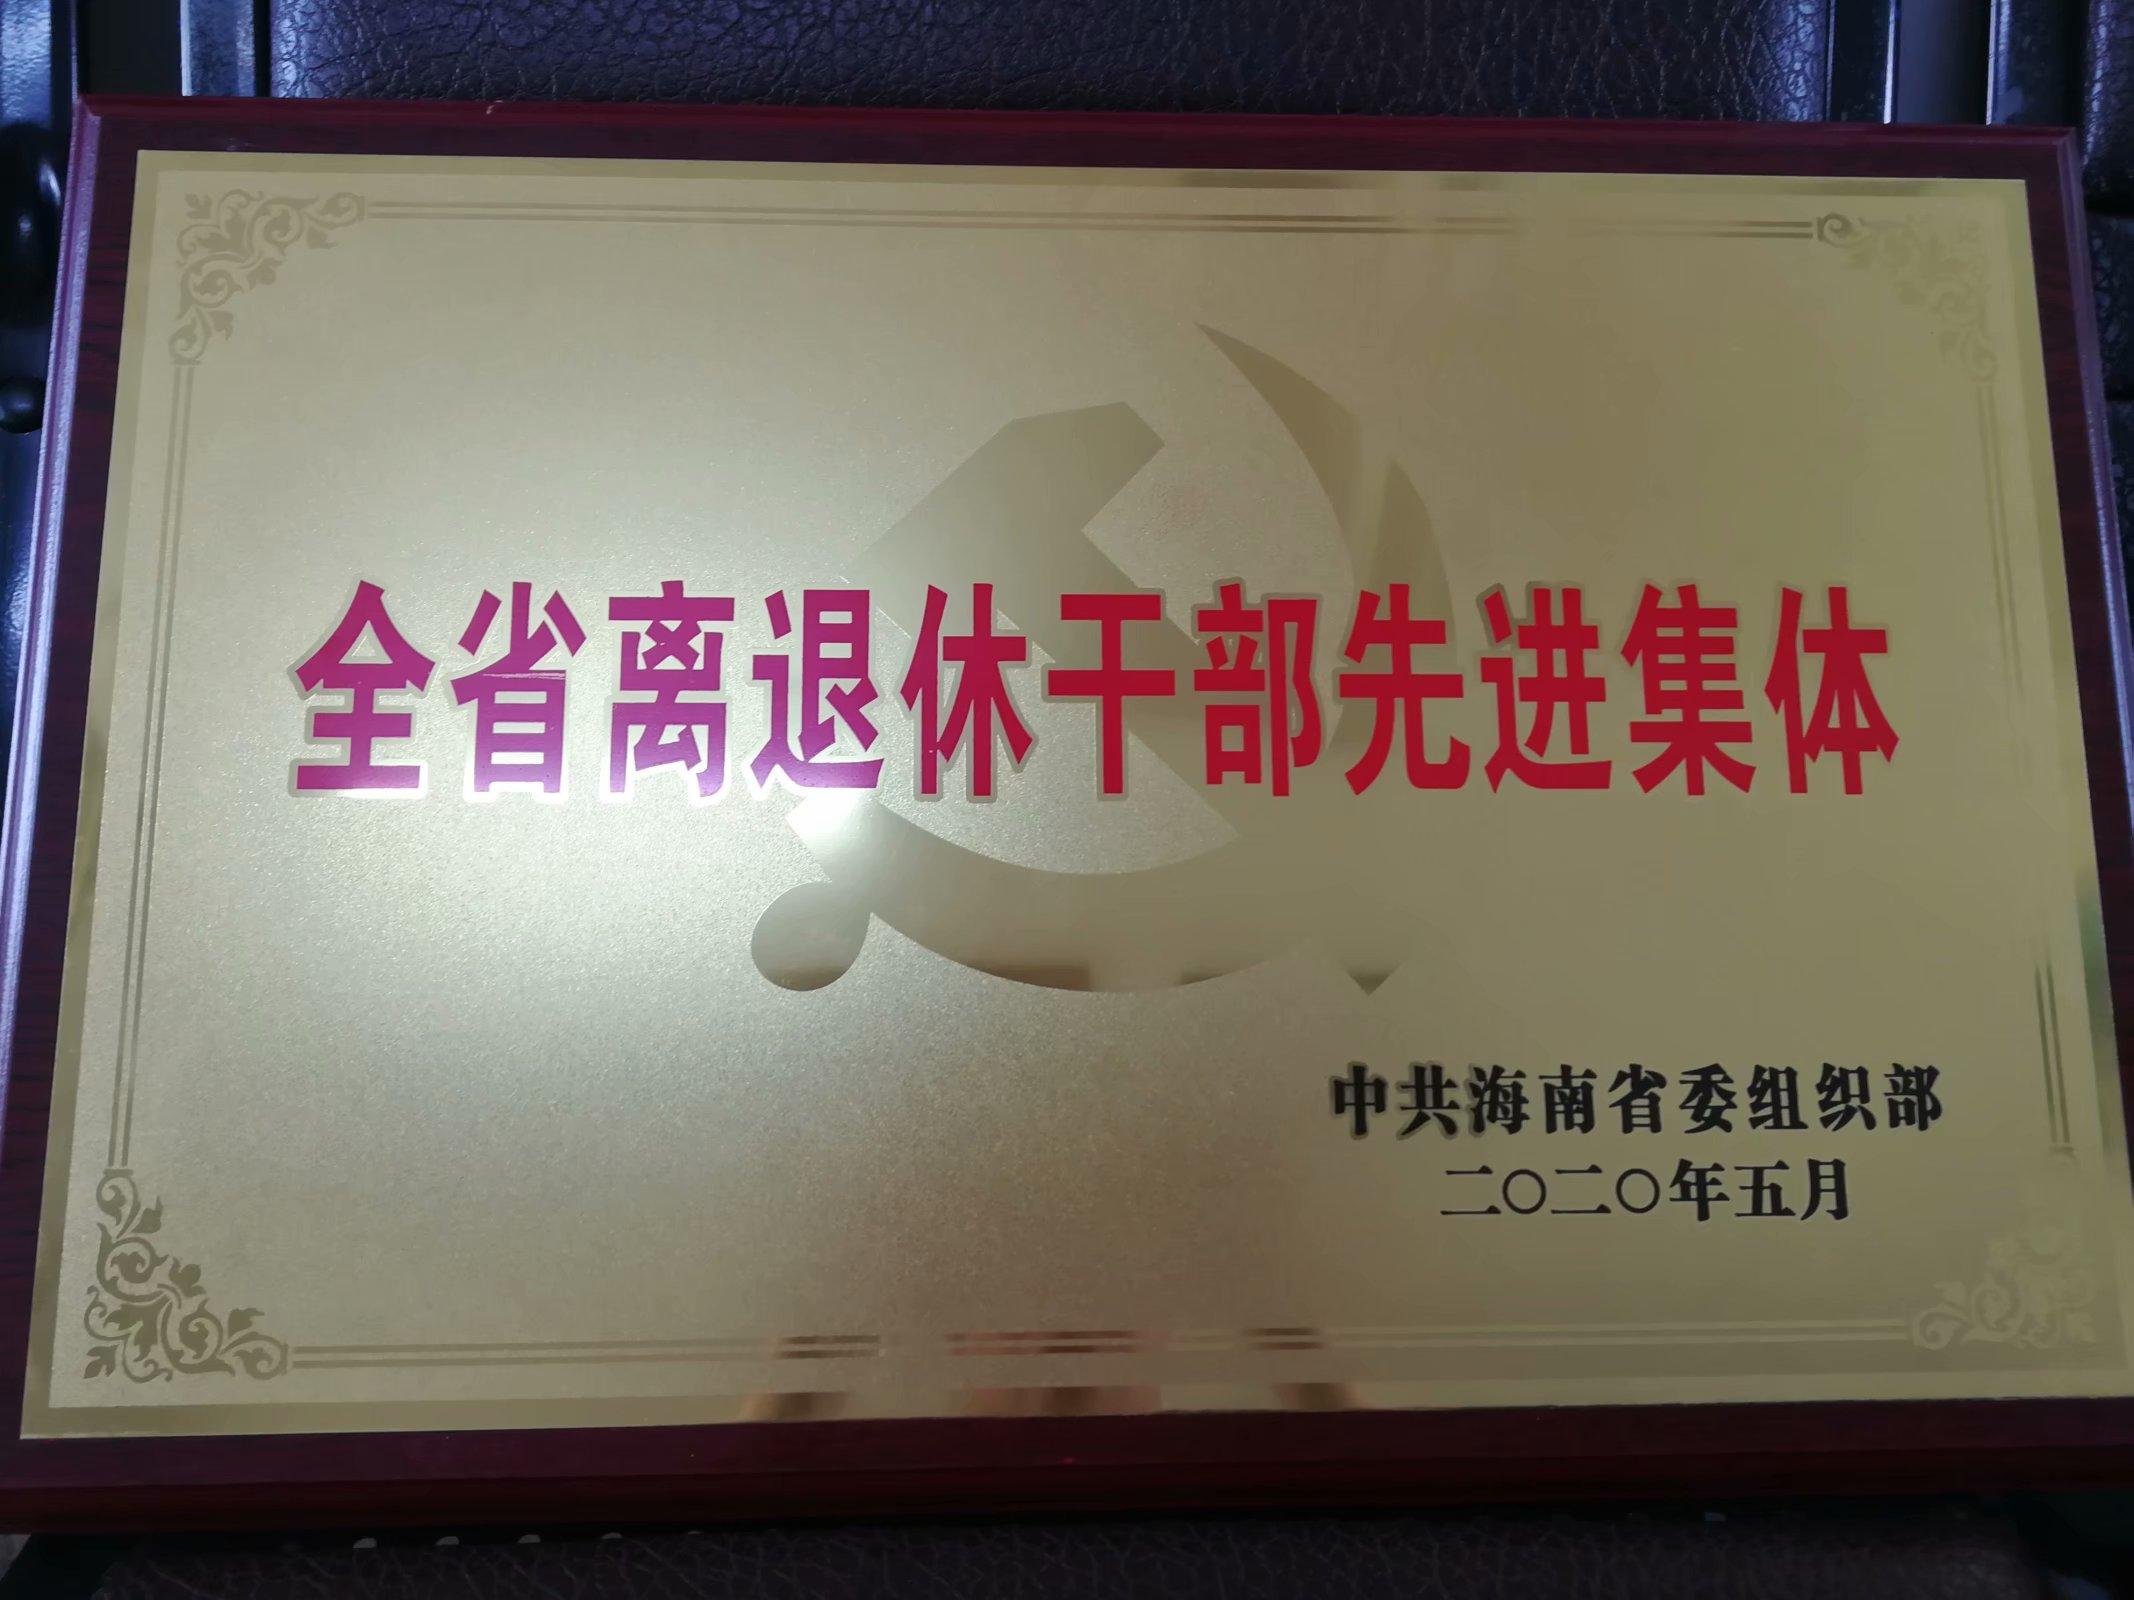 海南师范大学离退休工作办公室简介